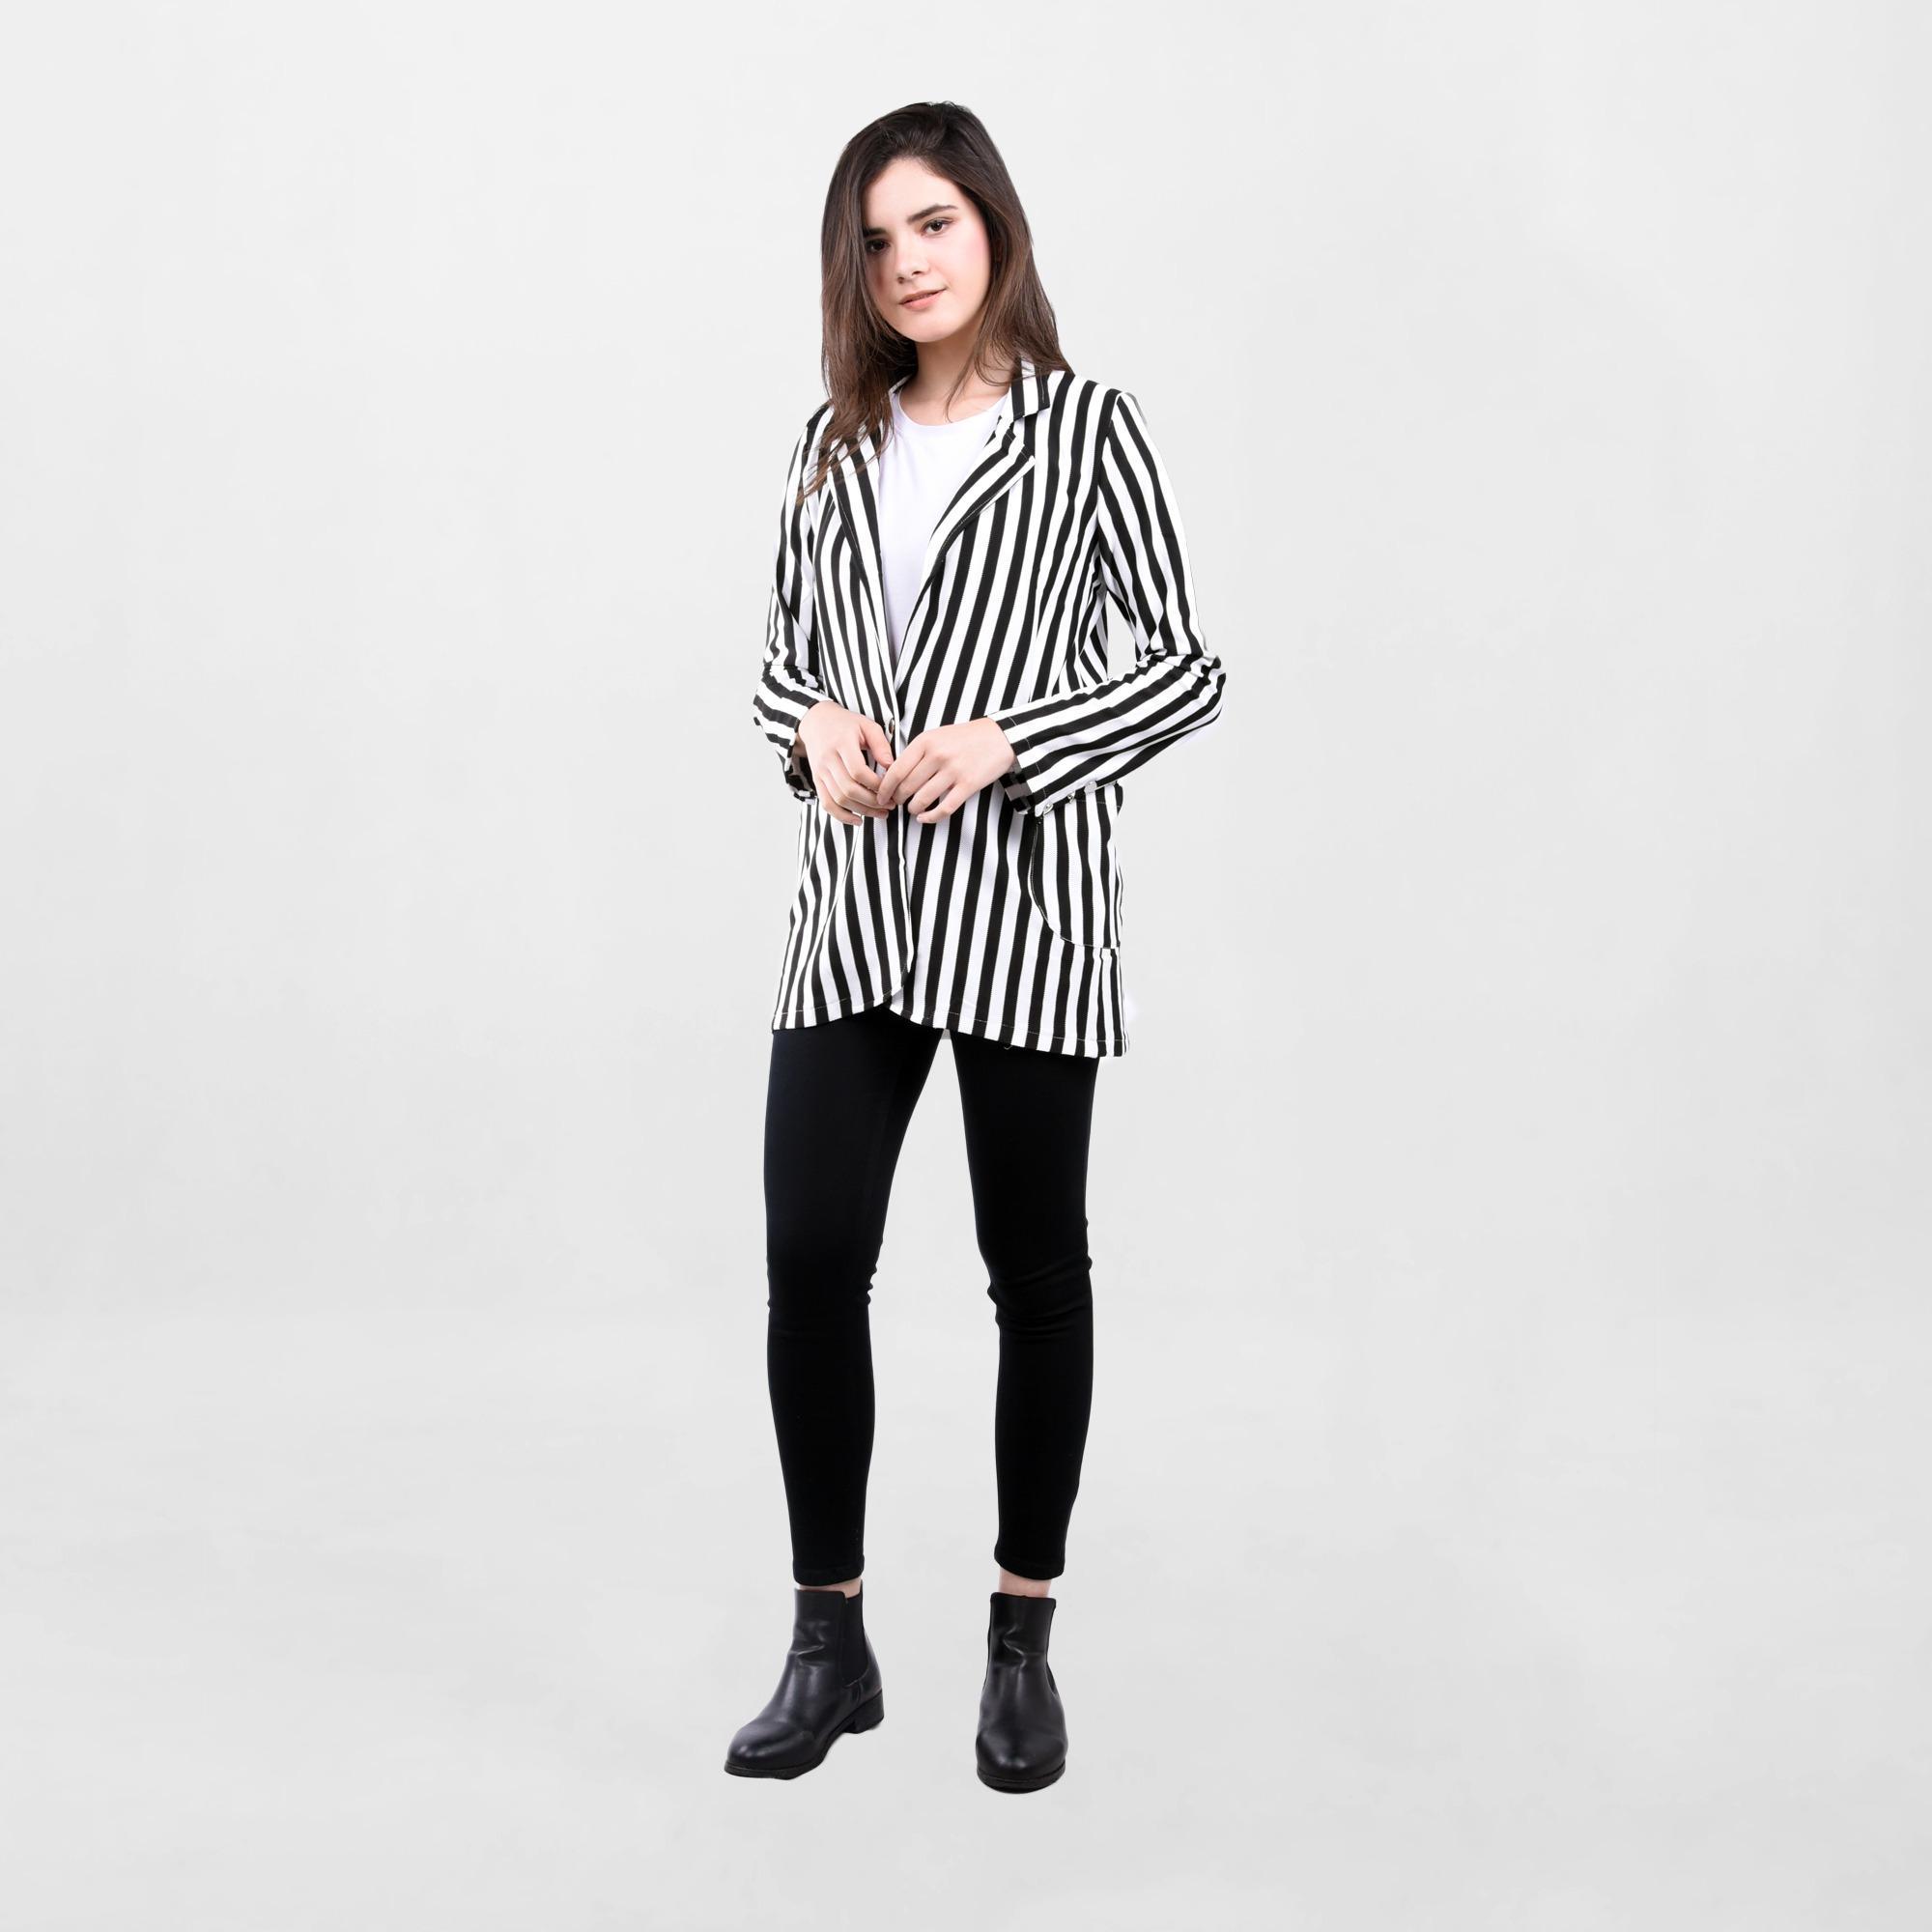 ADA Fashion Stripe Blazer Wanita Lengan Panjang Warna Putih